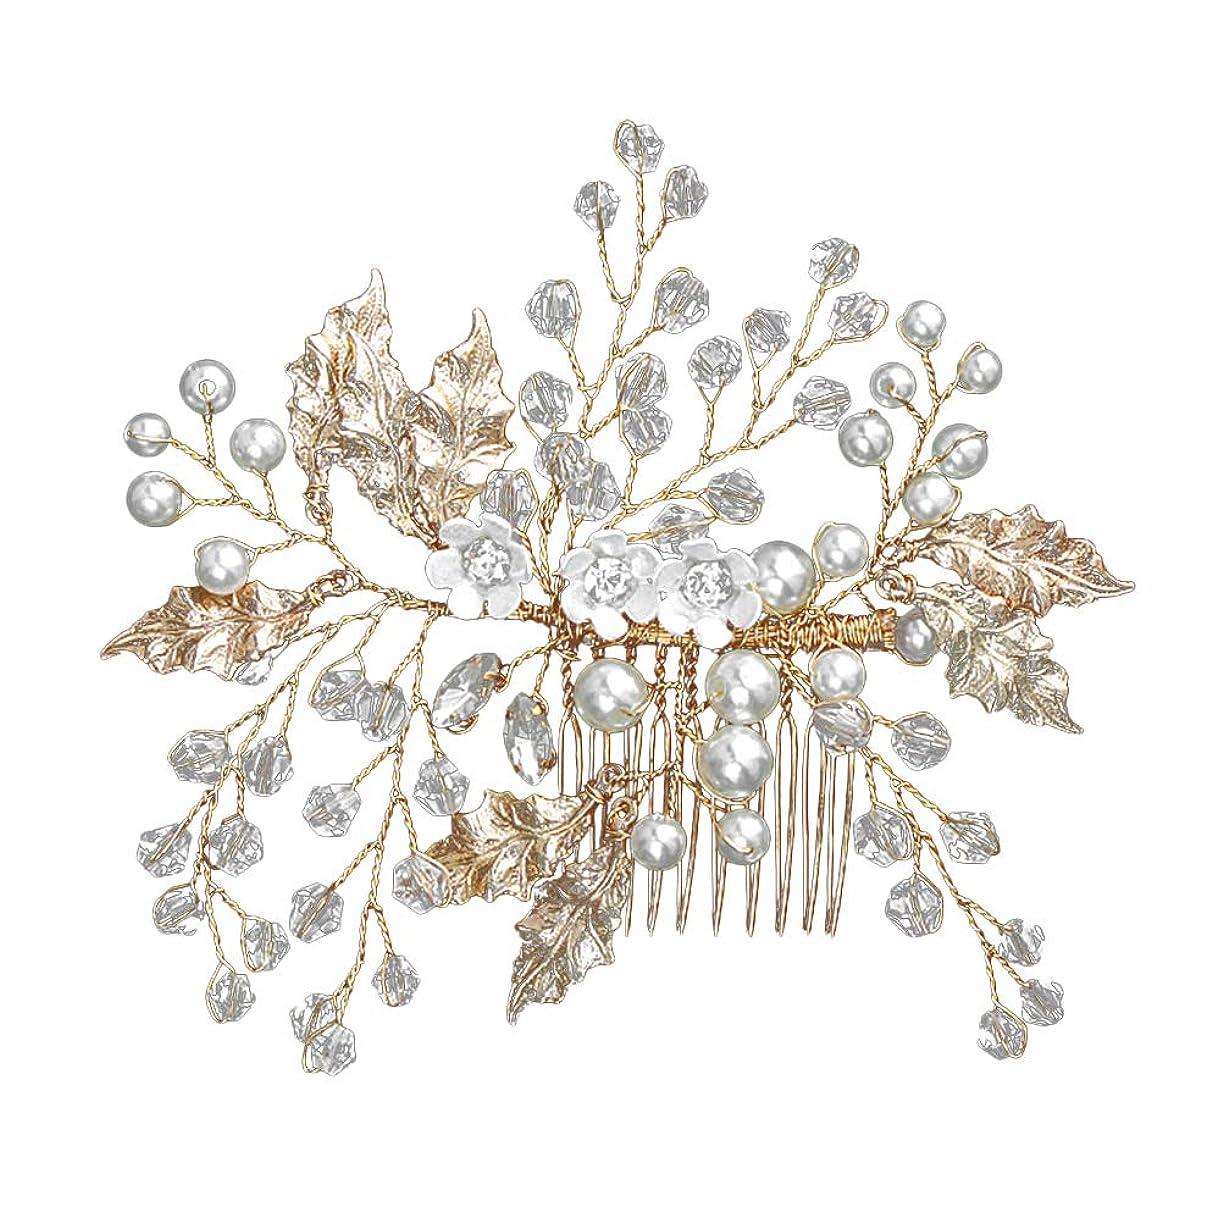 考慮プログラム計算LURROSE 新鮮なスタイルの髪の櫛手作りの花の結晶ヘッドドレス葉合金花嫁のヘアアクセサリー花嫁介添人の髪飾り宴会結婚式